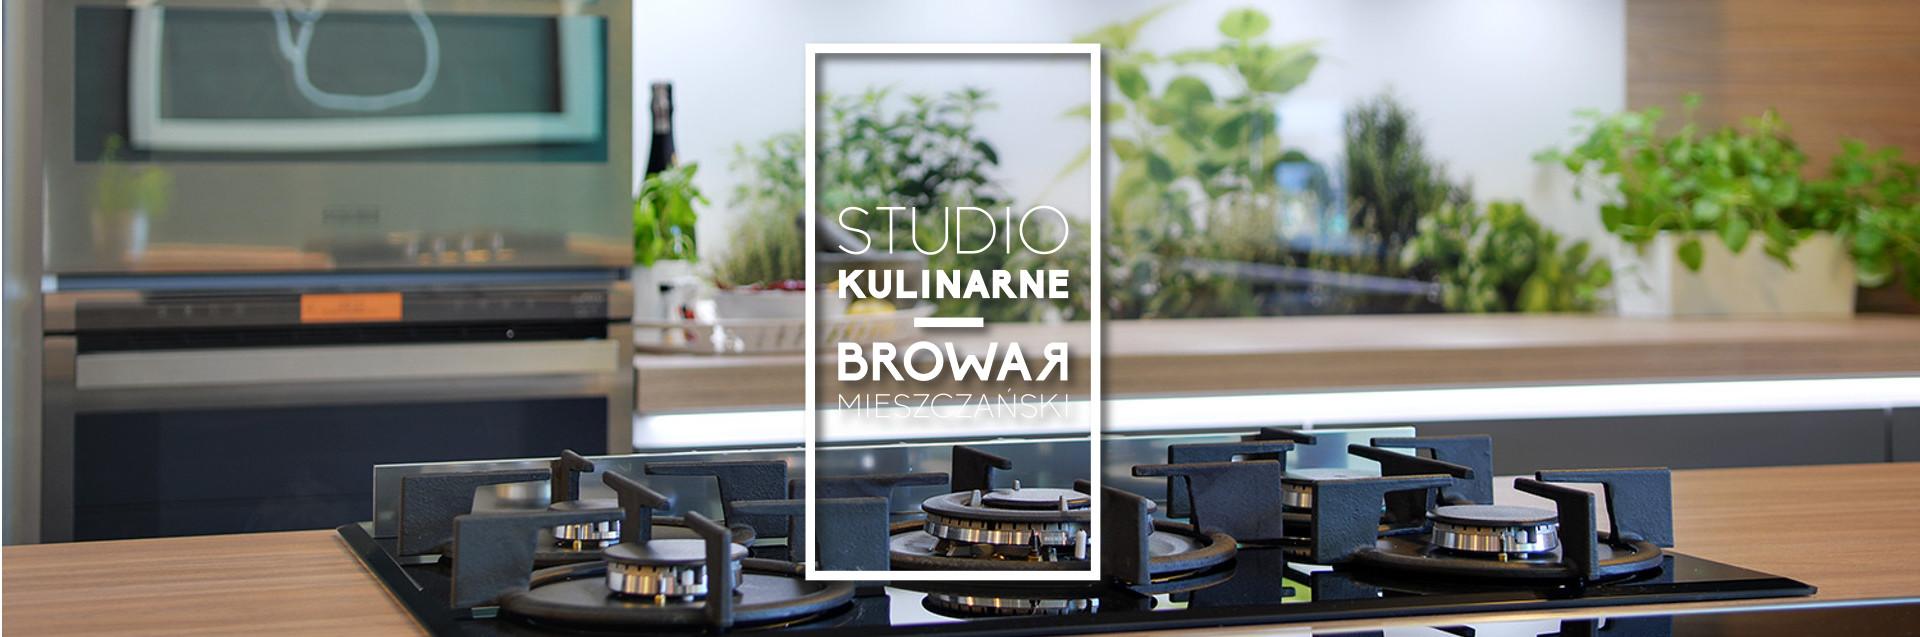 5-Studio-Kulinarne-Browar-Mieszczański